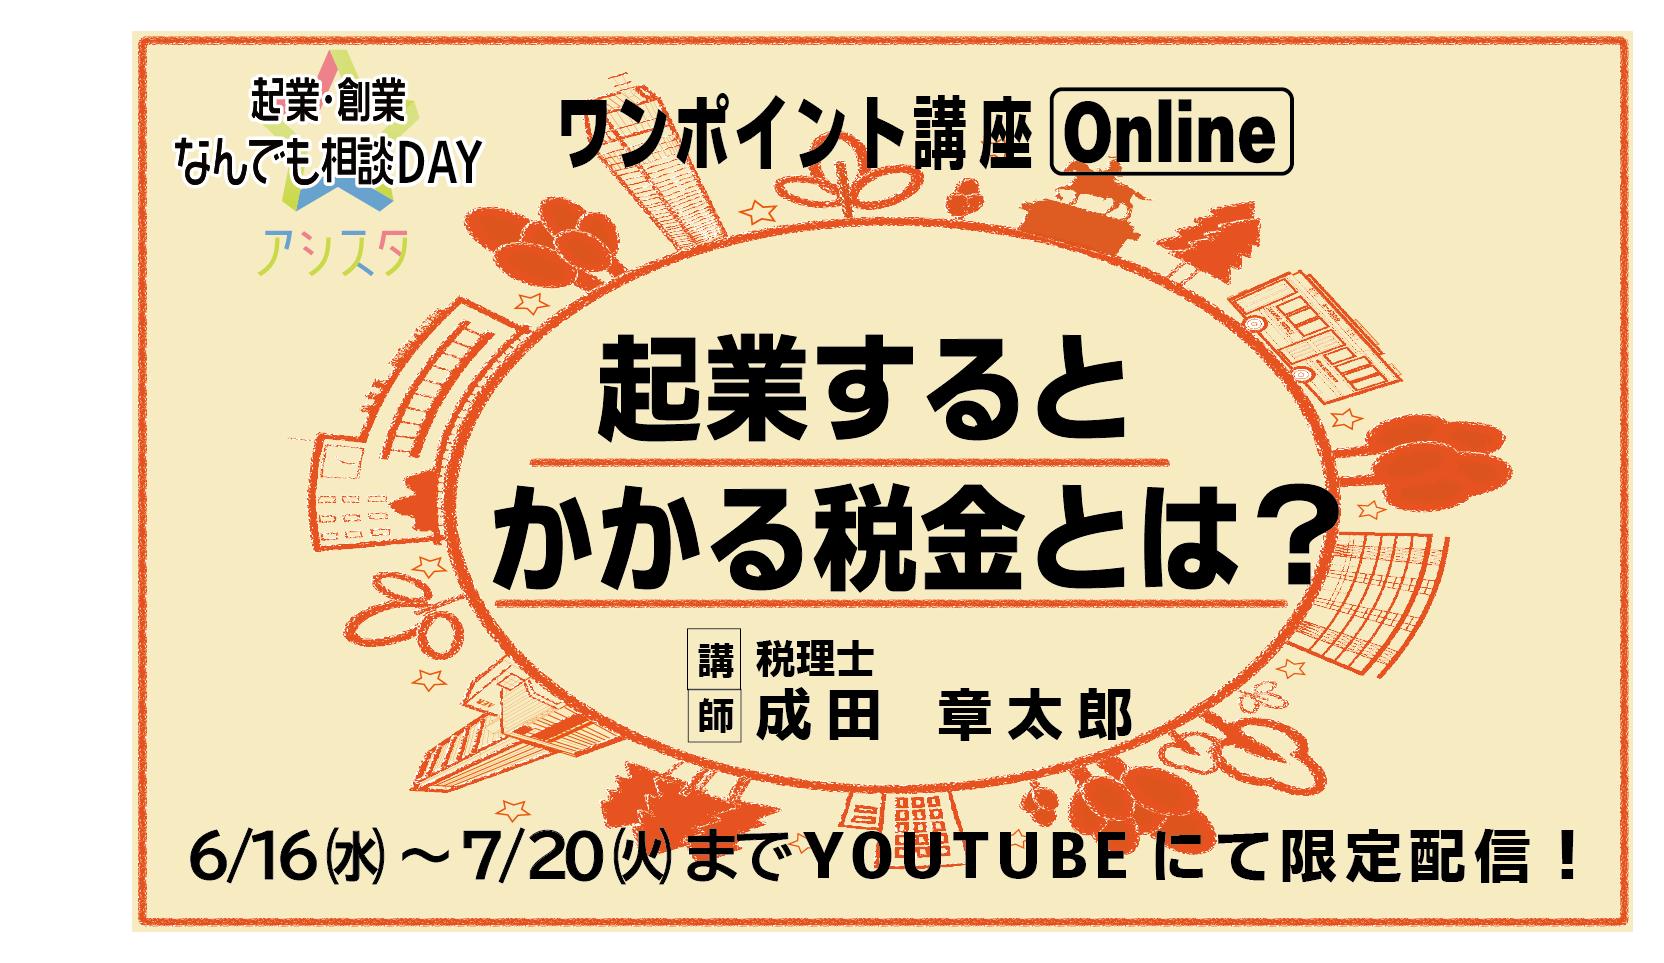 【6/16より配信】ワンポイント講座オンライン(起業・創業なんでも相談DAY)